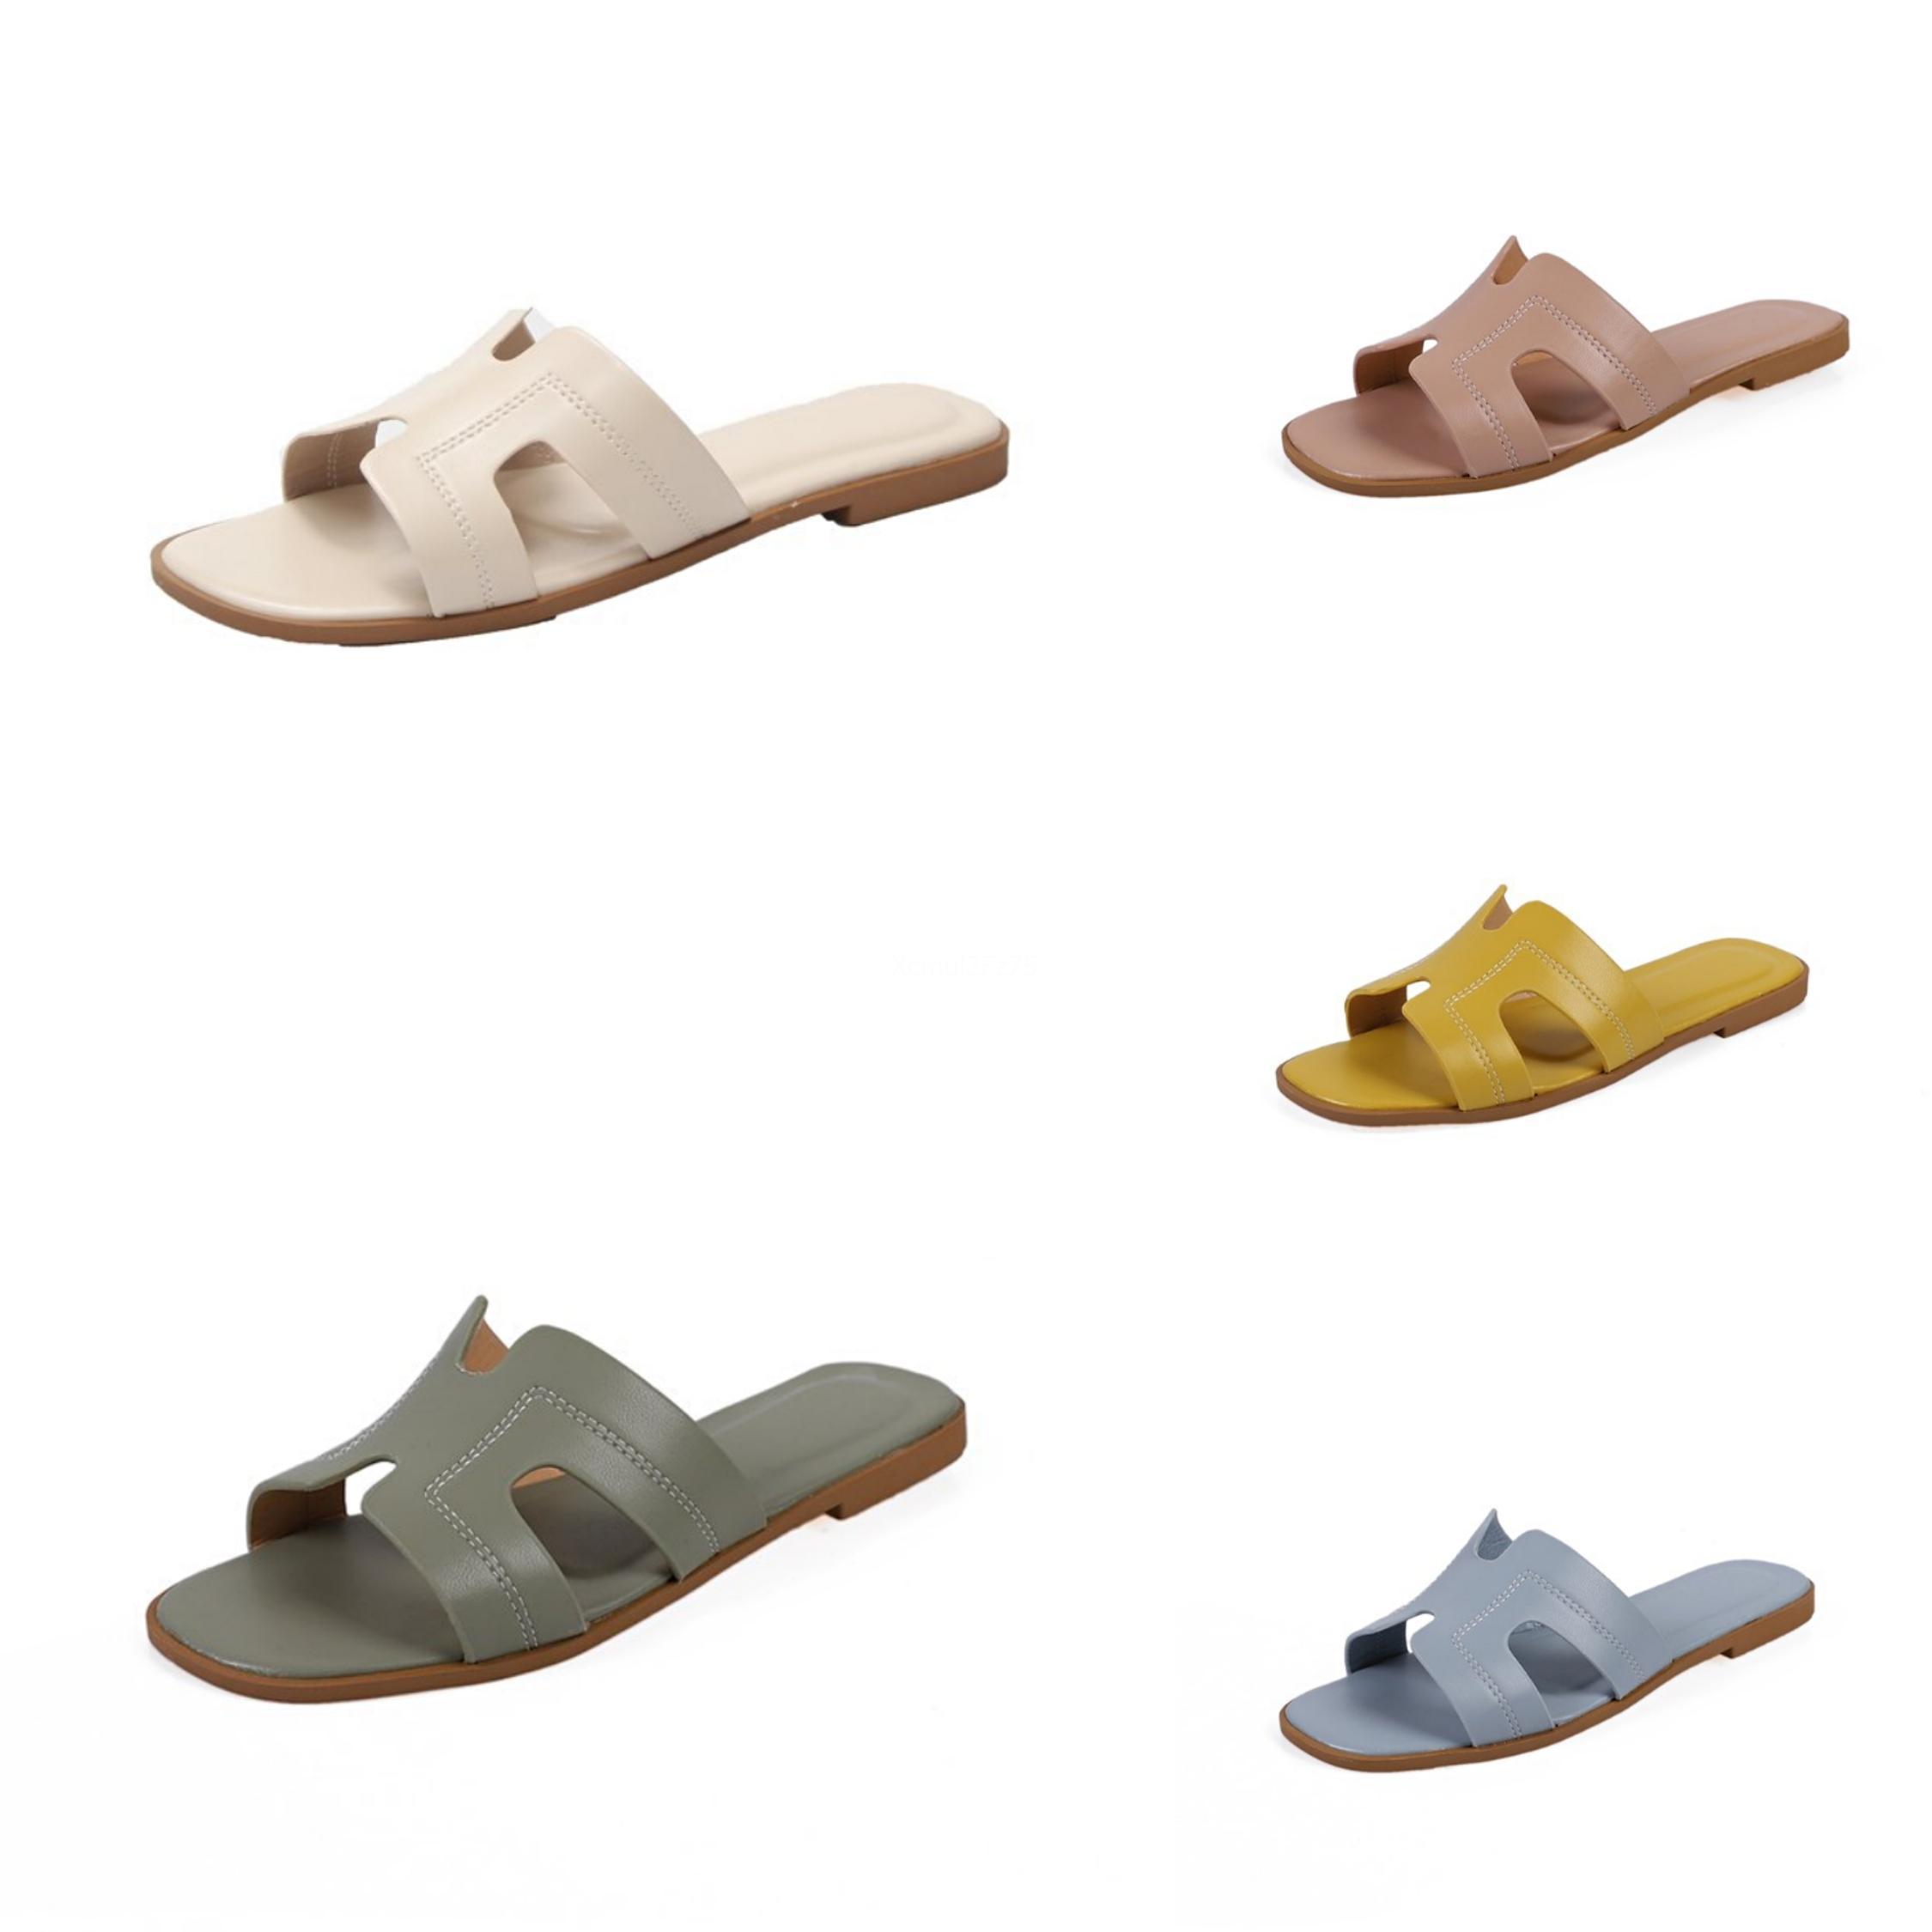 Sagace 2020 Kadınlar Terlik Kadın Düz Tabanlı Toka Klip Burun Deri Nefes Casual Bayan Ayakkabıları Rahat Artı boyutu 37-43 # 413